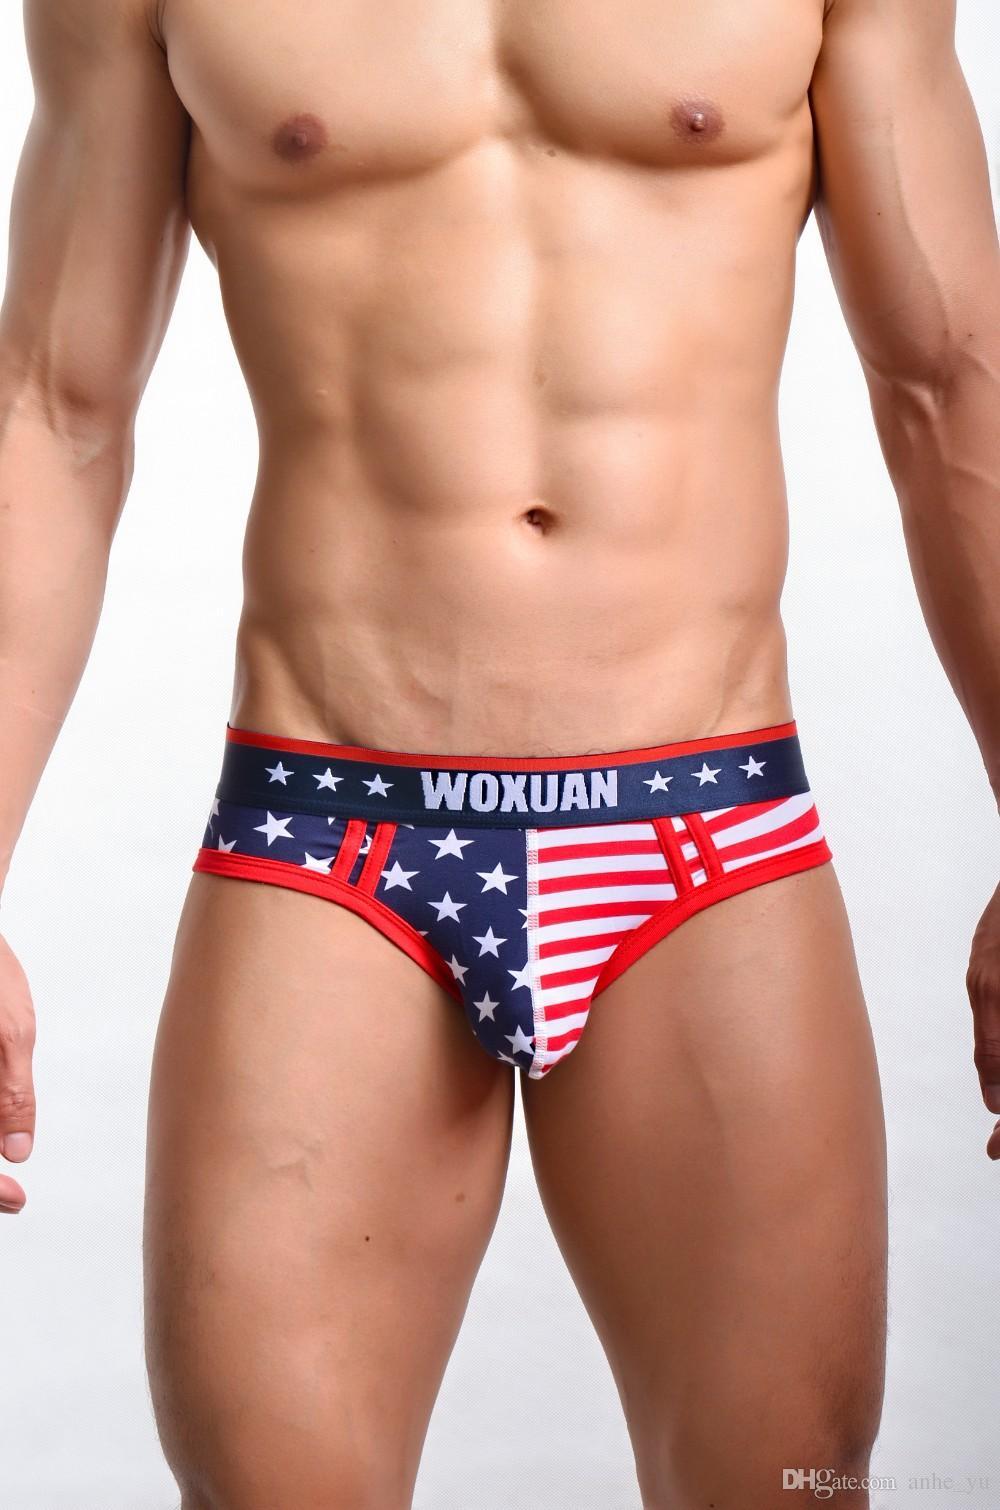 Сексуальные мужчины полосатые звезды U чехол гей нижнее белье низкая талия США флаг печатных Мужские трусы 95% хлопок гей одежда FX1011